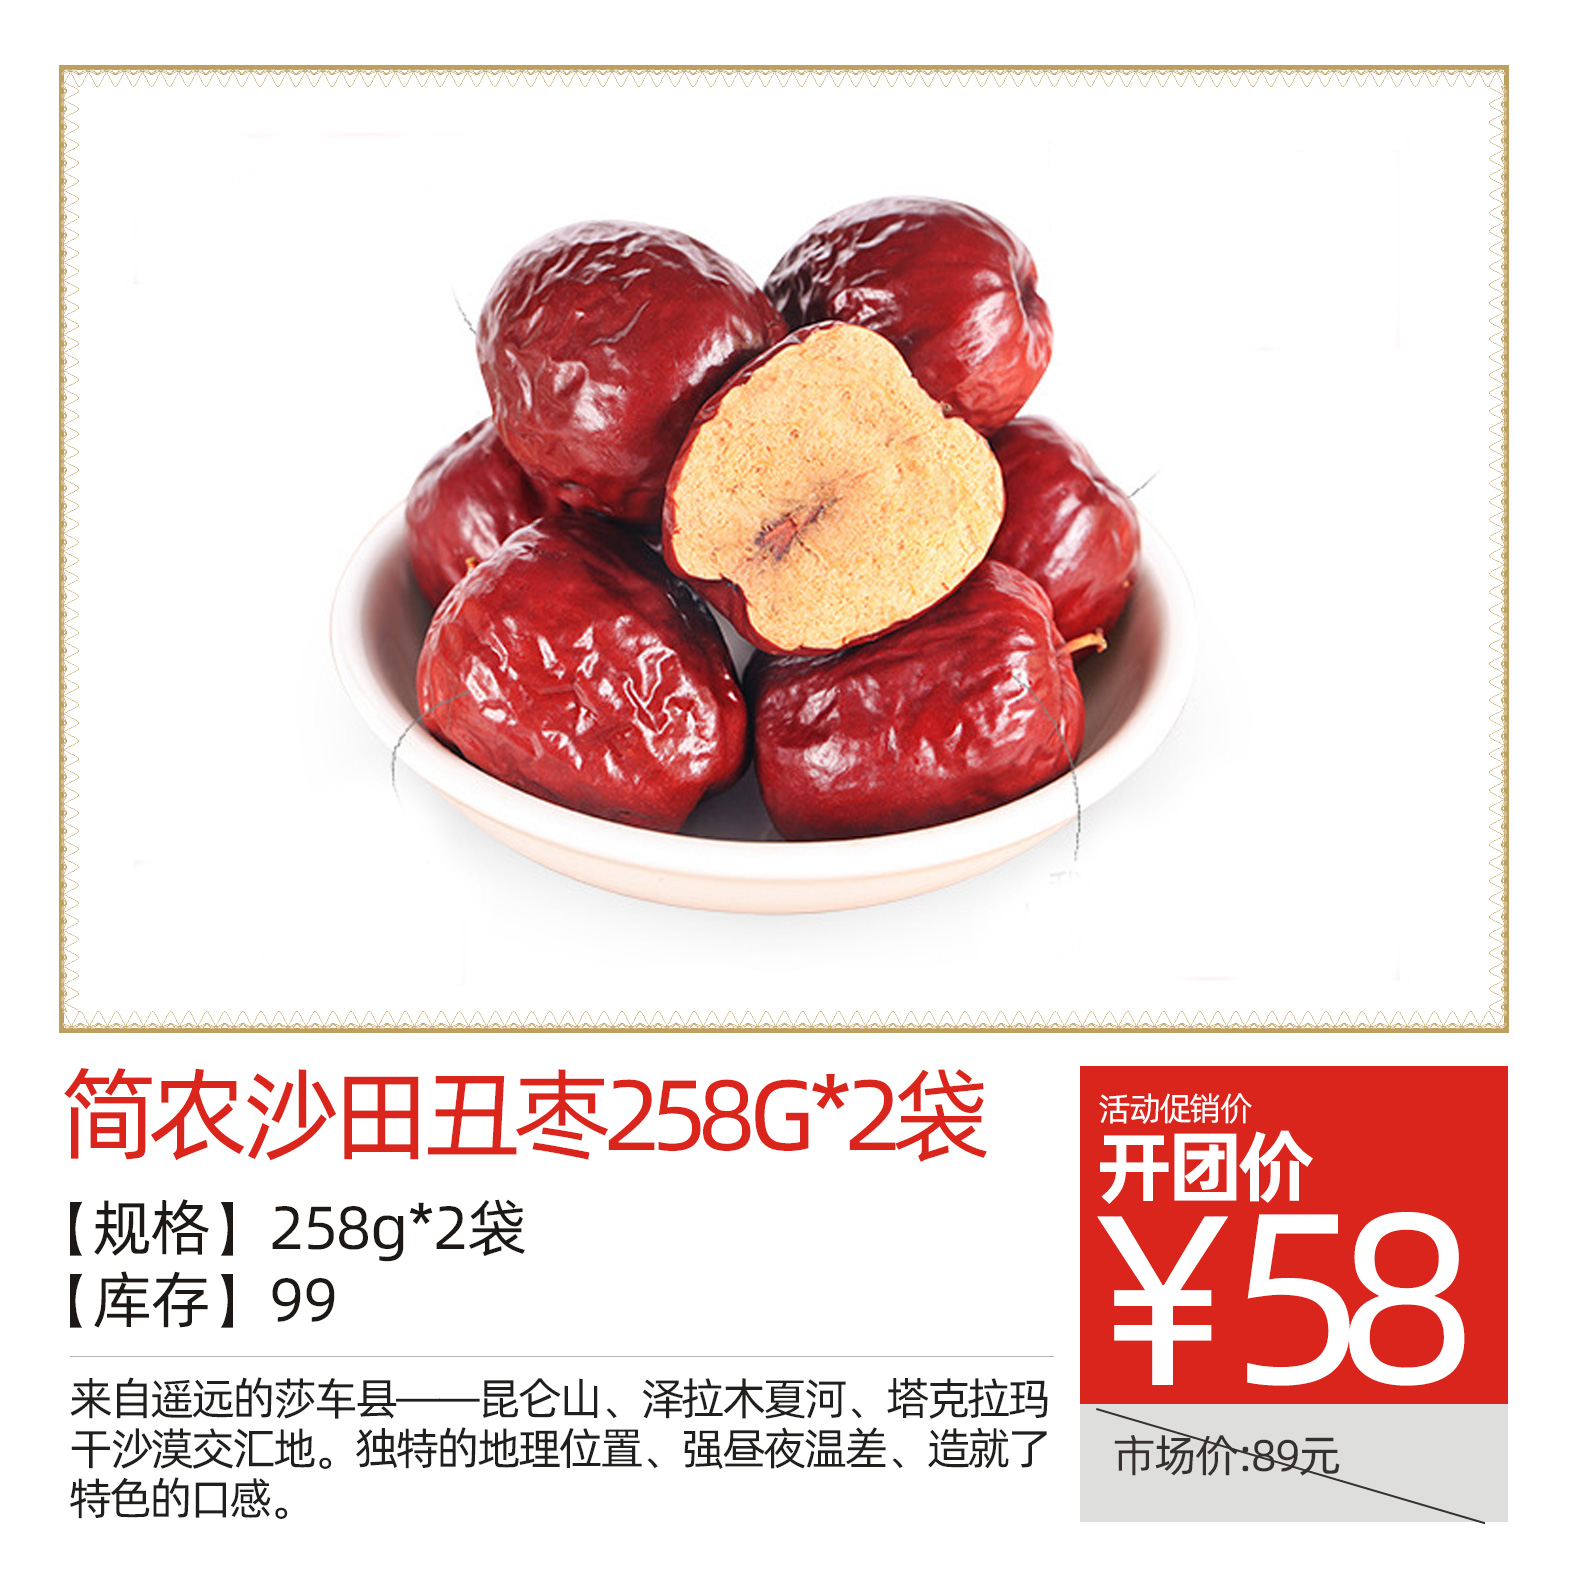 简农沙田丑枣258G*2袋